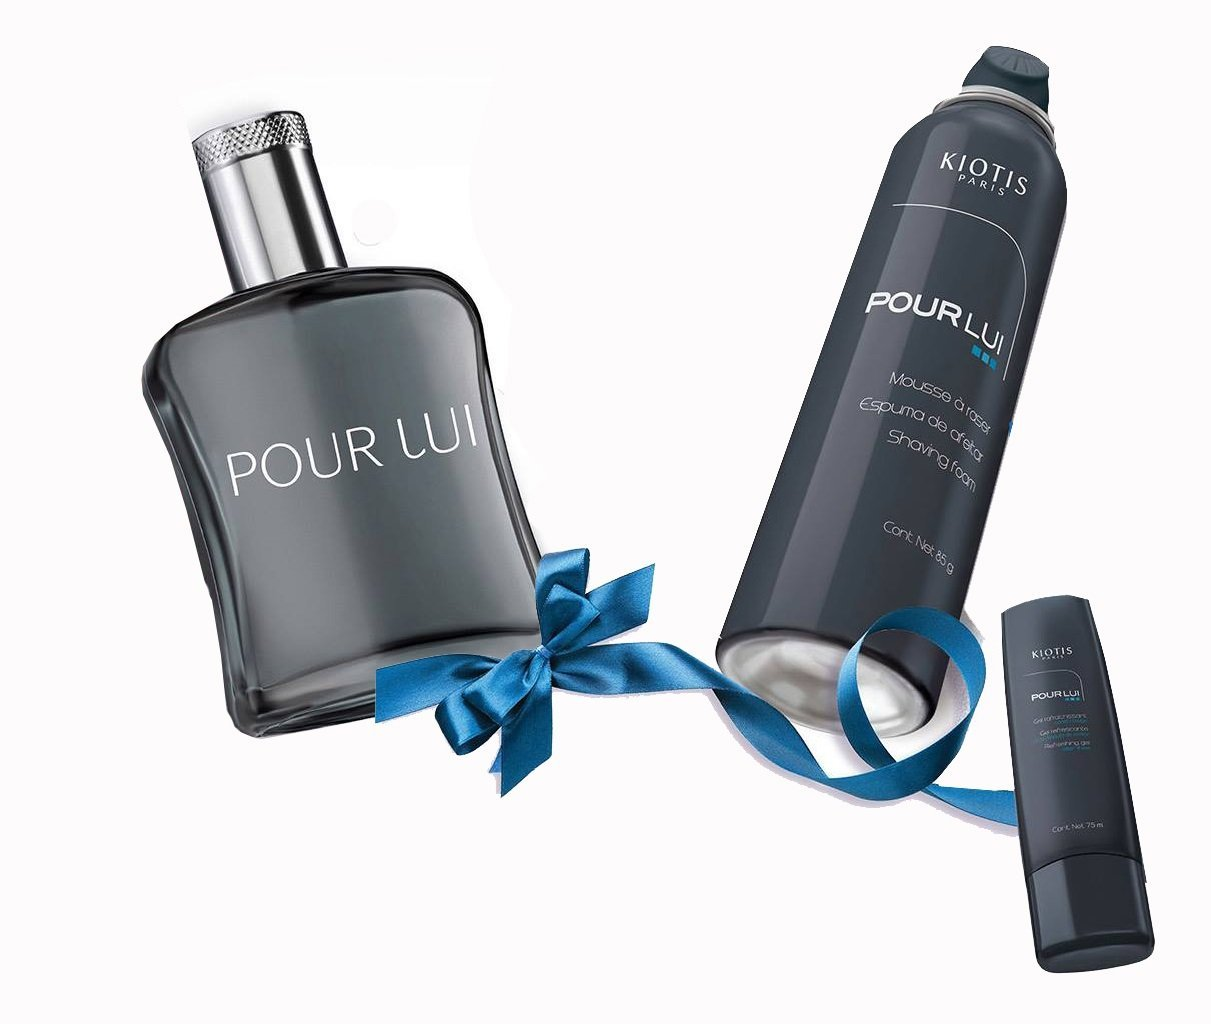 Kiotis Paris Pour Lui 3-piece Gift Set for Men- France-Imported.